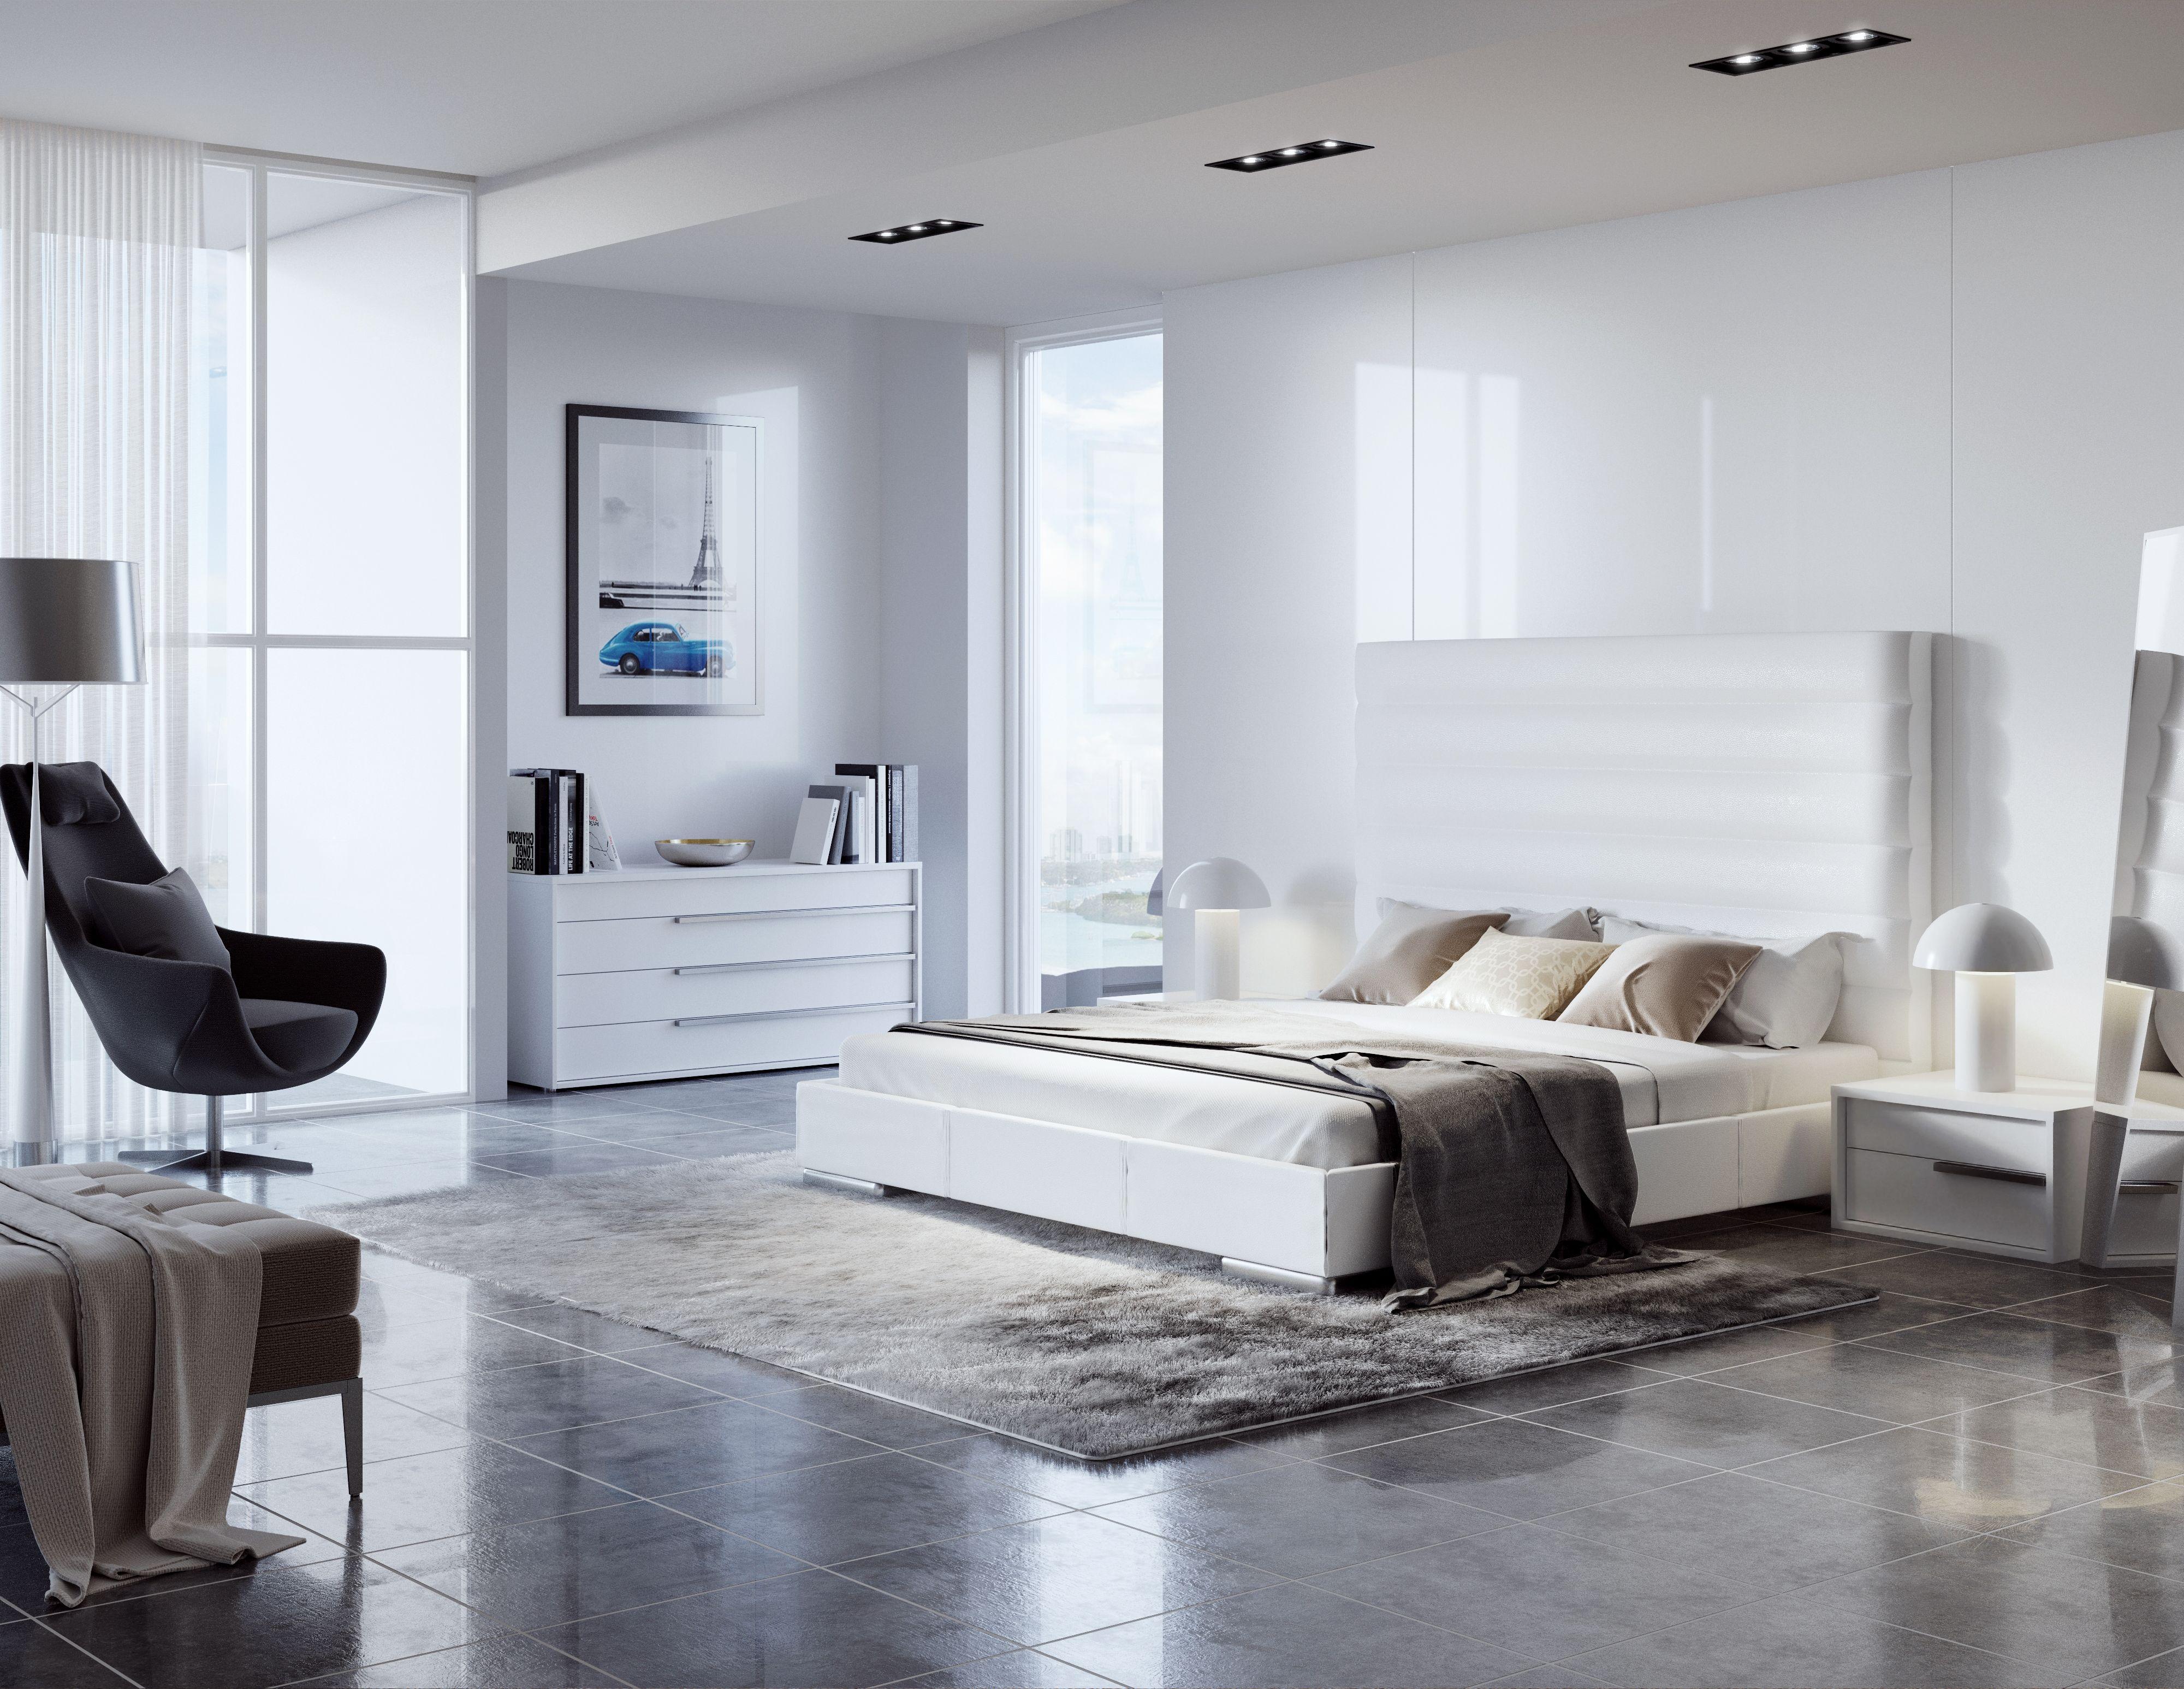 Best Karat White Gold Pillow Interior Design Modern 400 x 300